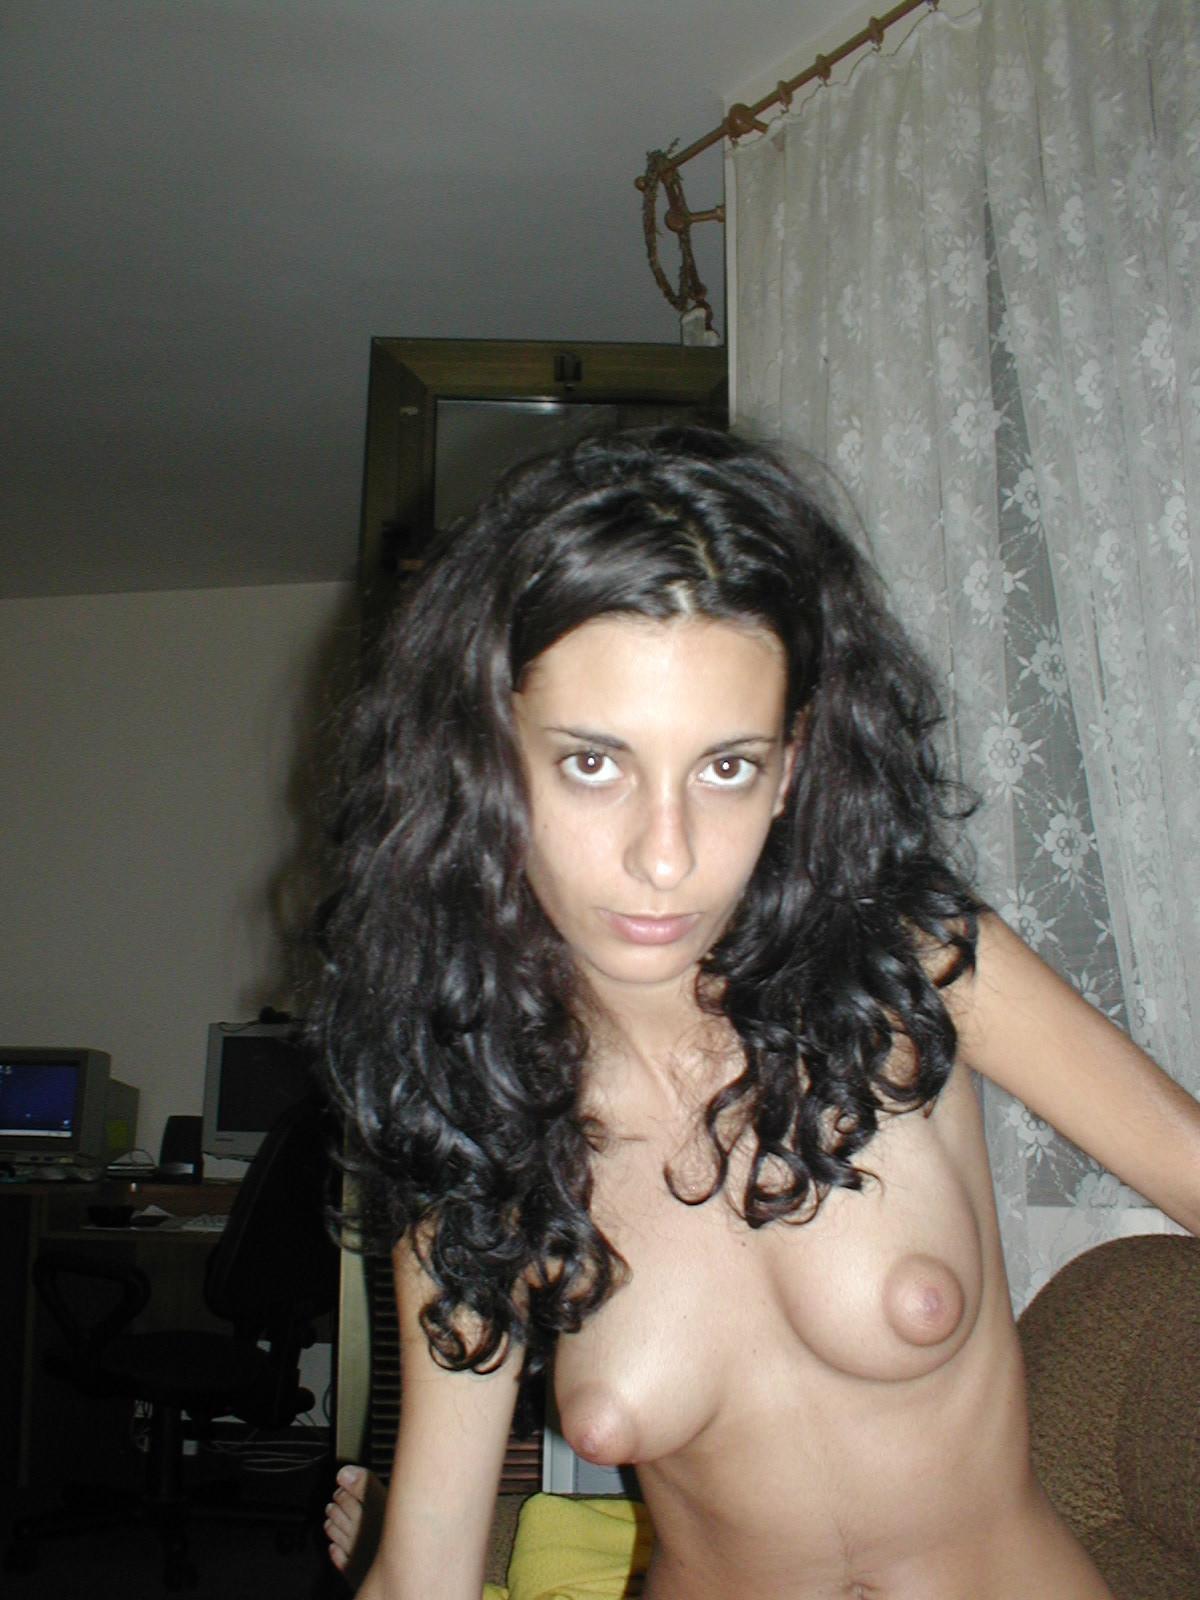 Частные эро фото армянок форум, женские пары из калининграда предлагают секс